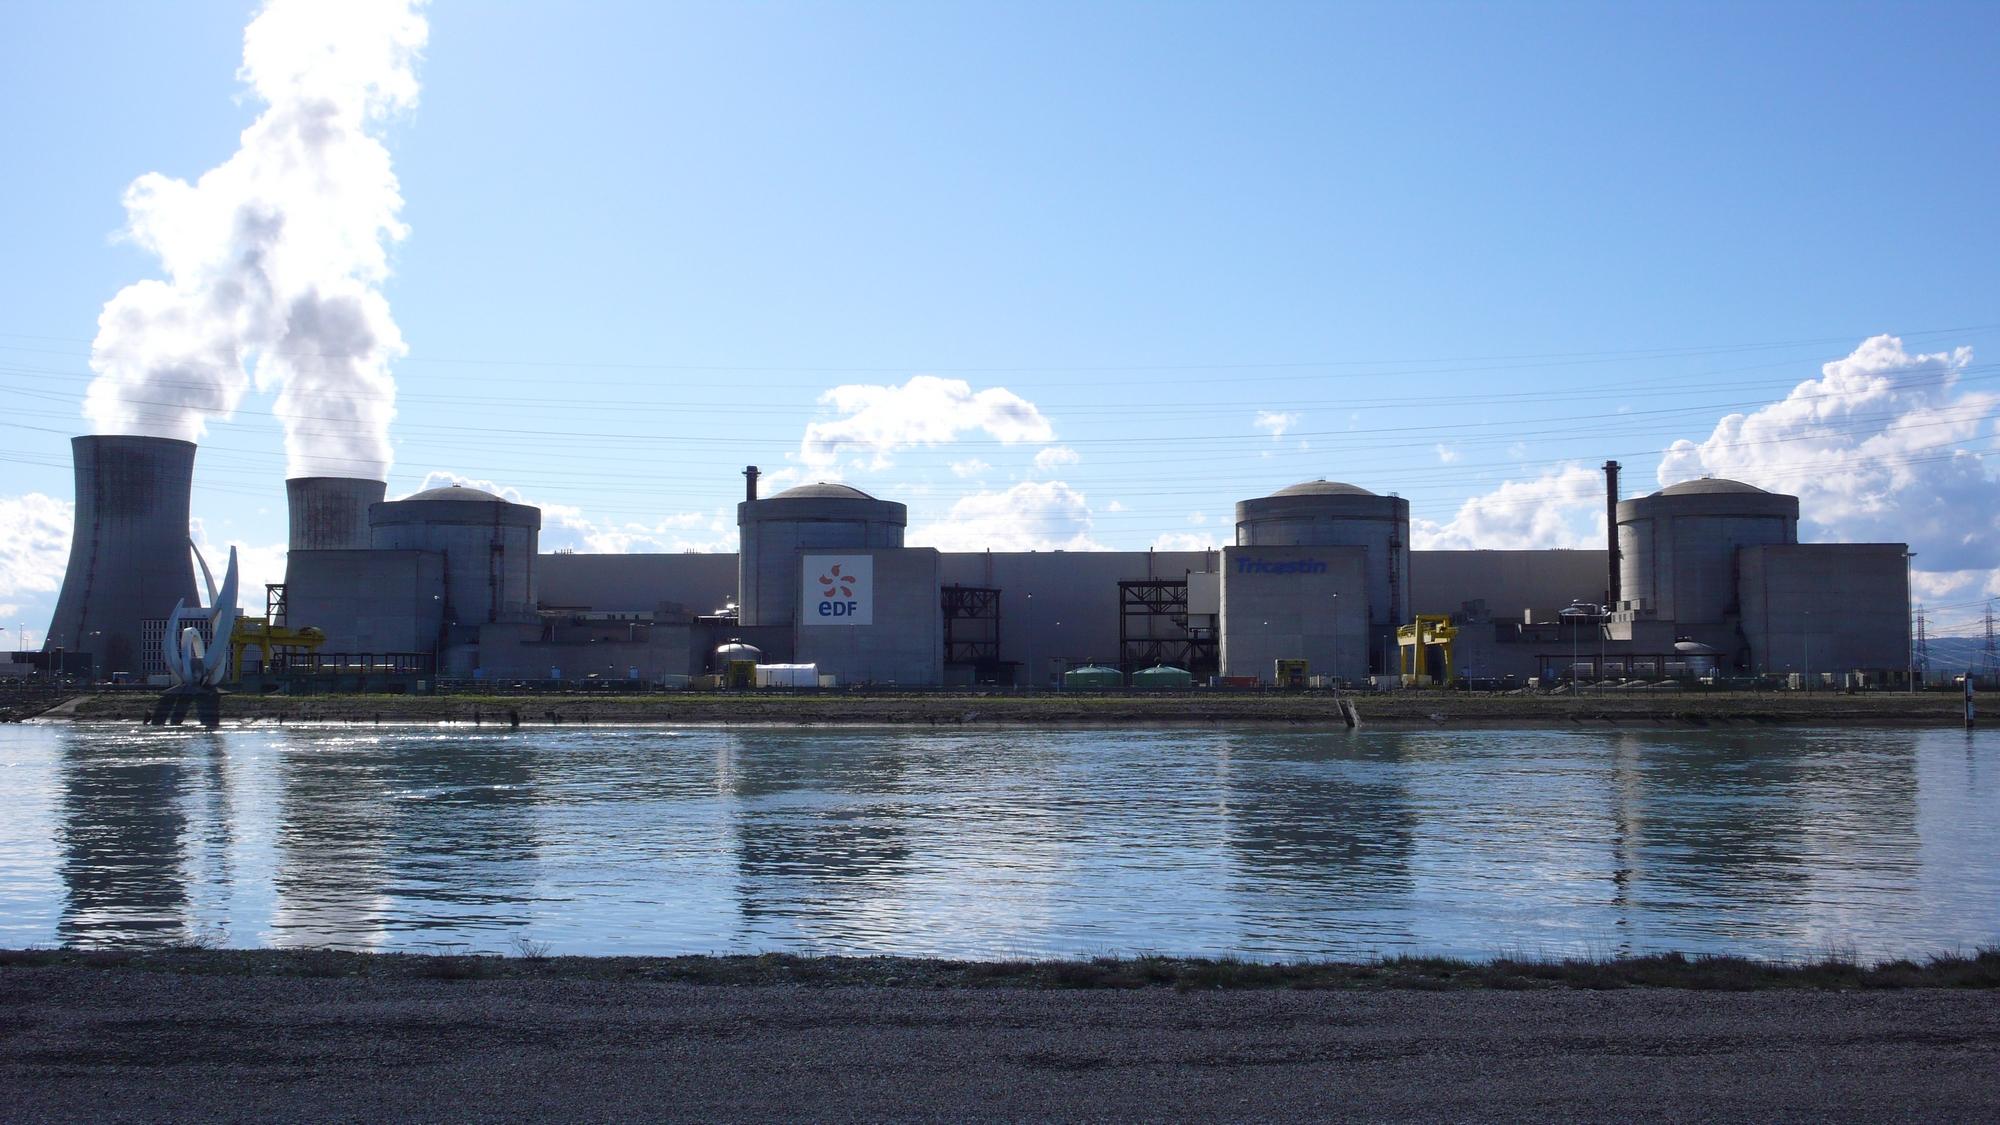 Třetí blok jaderné elektrárny Tricastin splnil podmínky bezpečnostního přezkumu